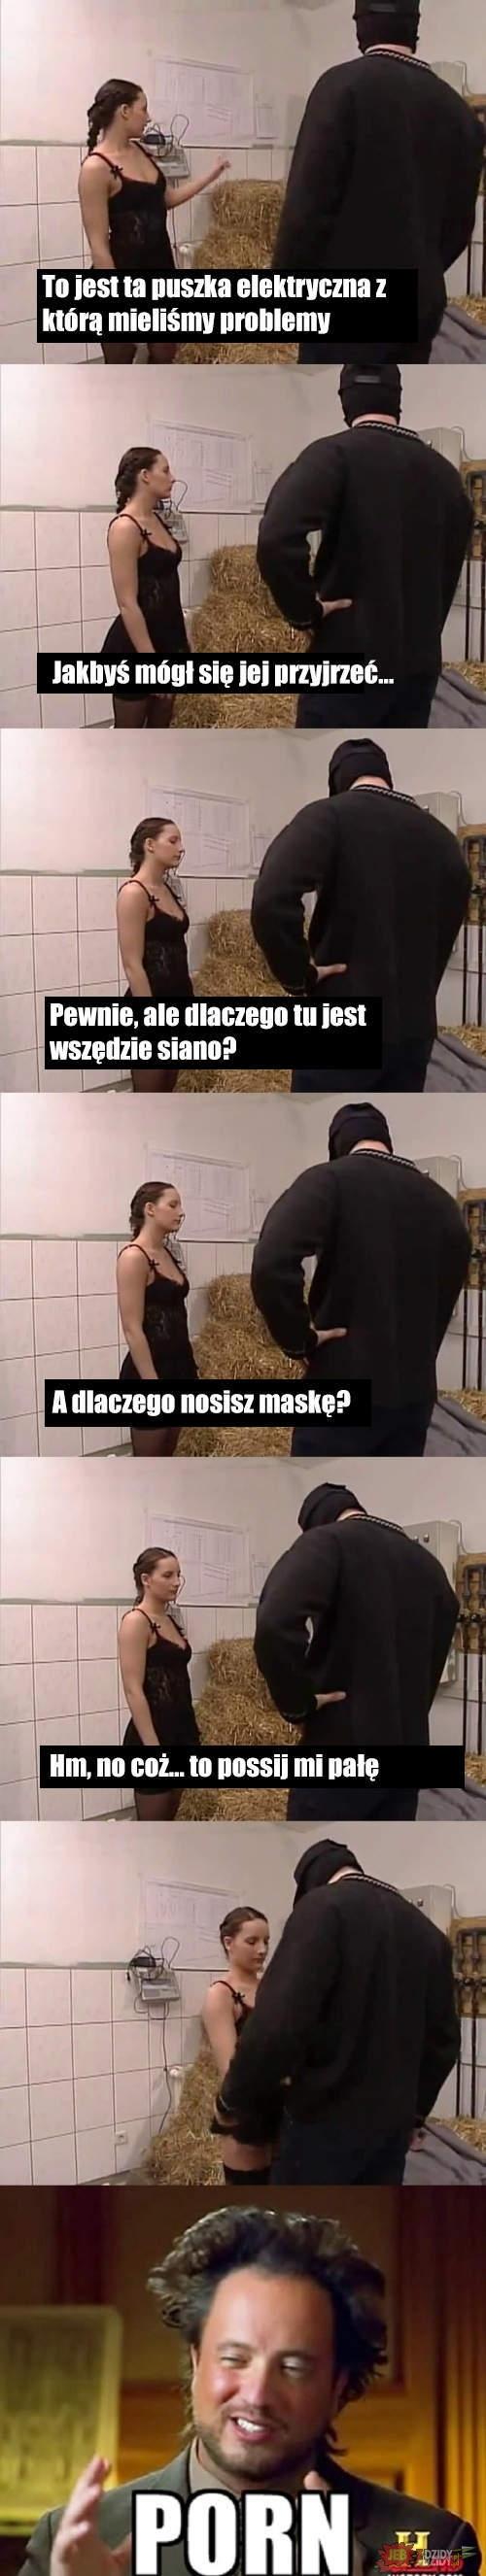 Dialogi w porno